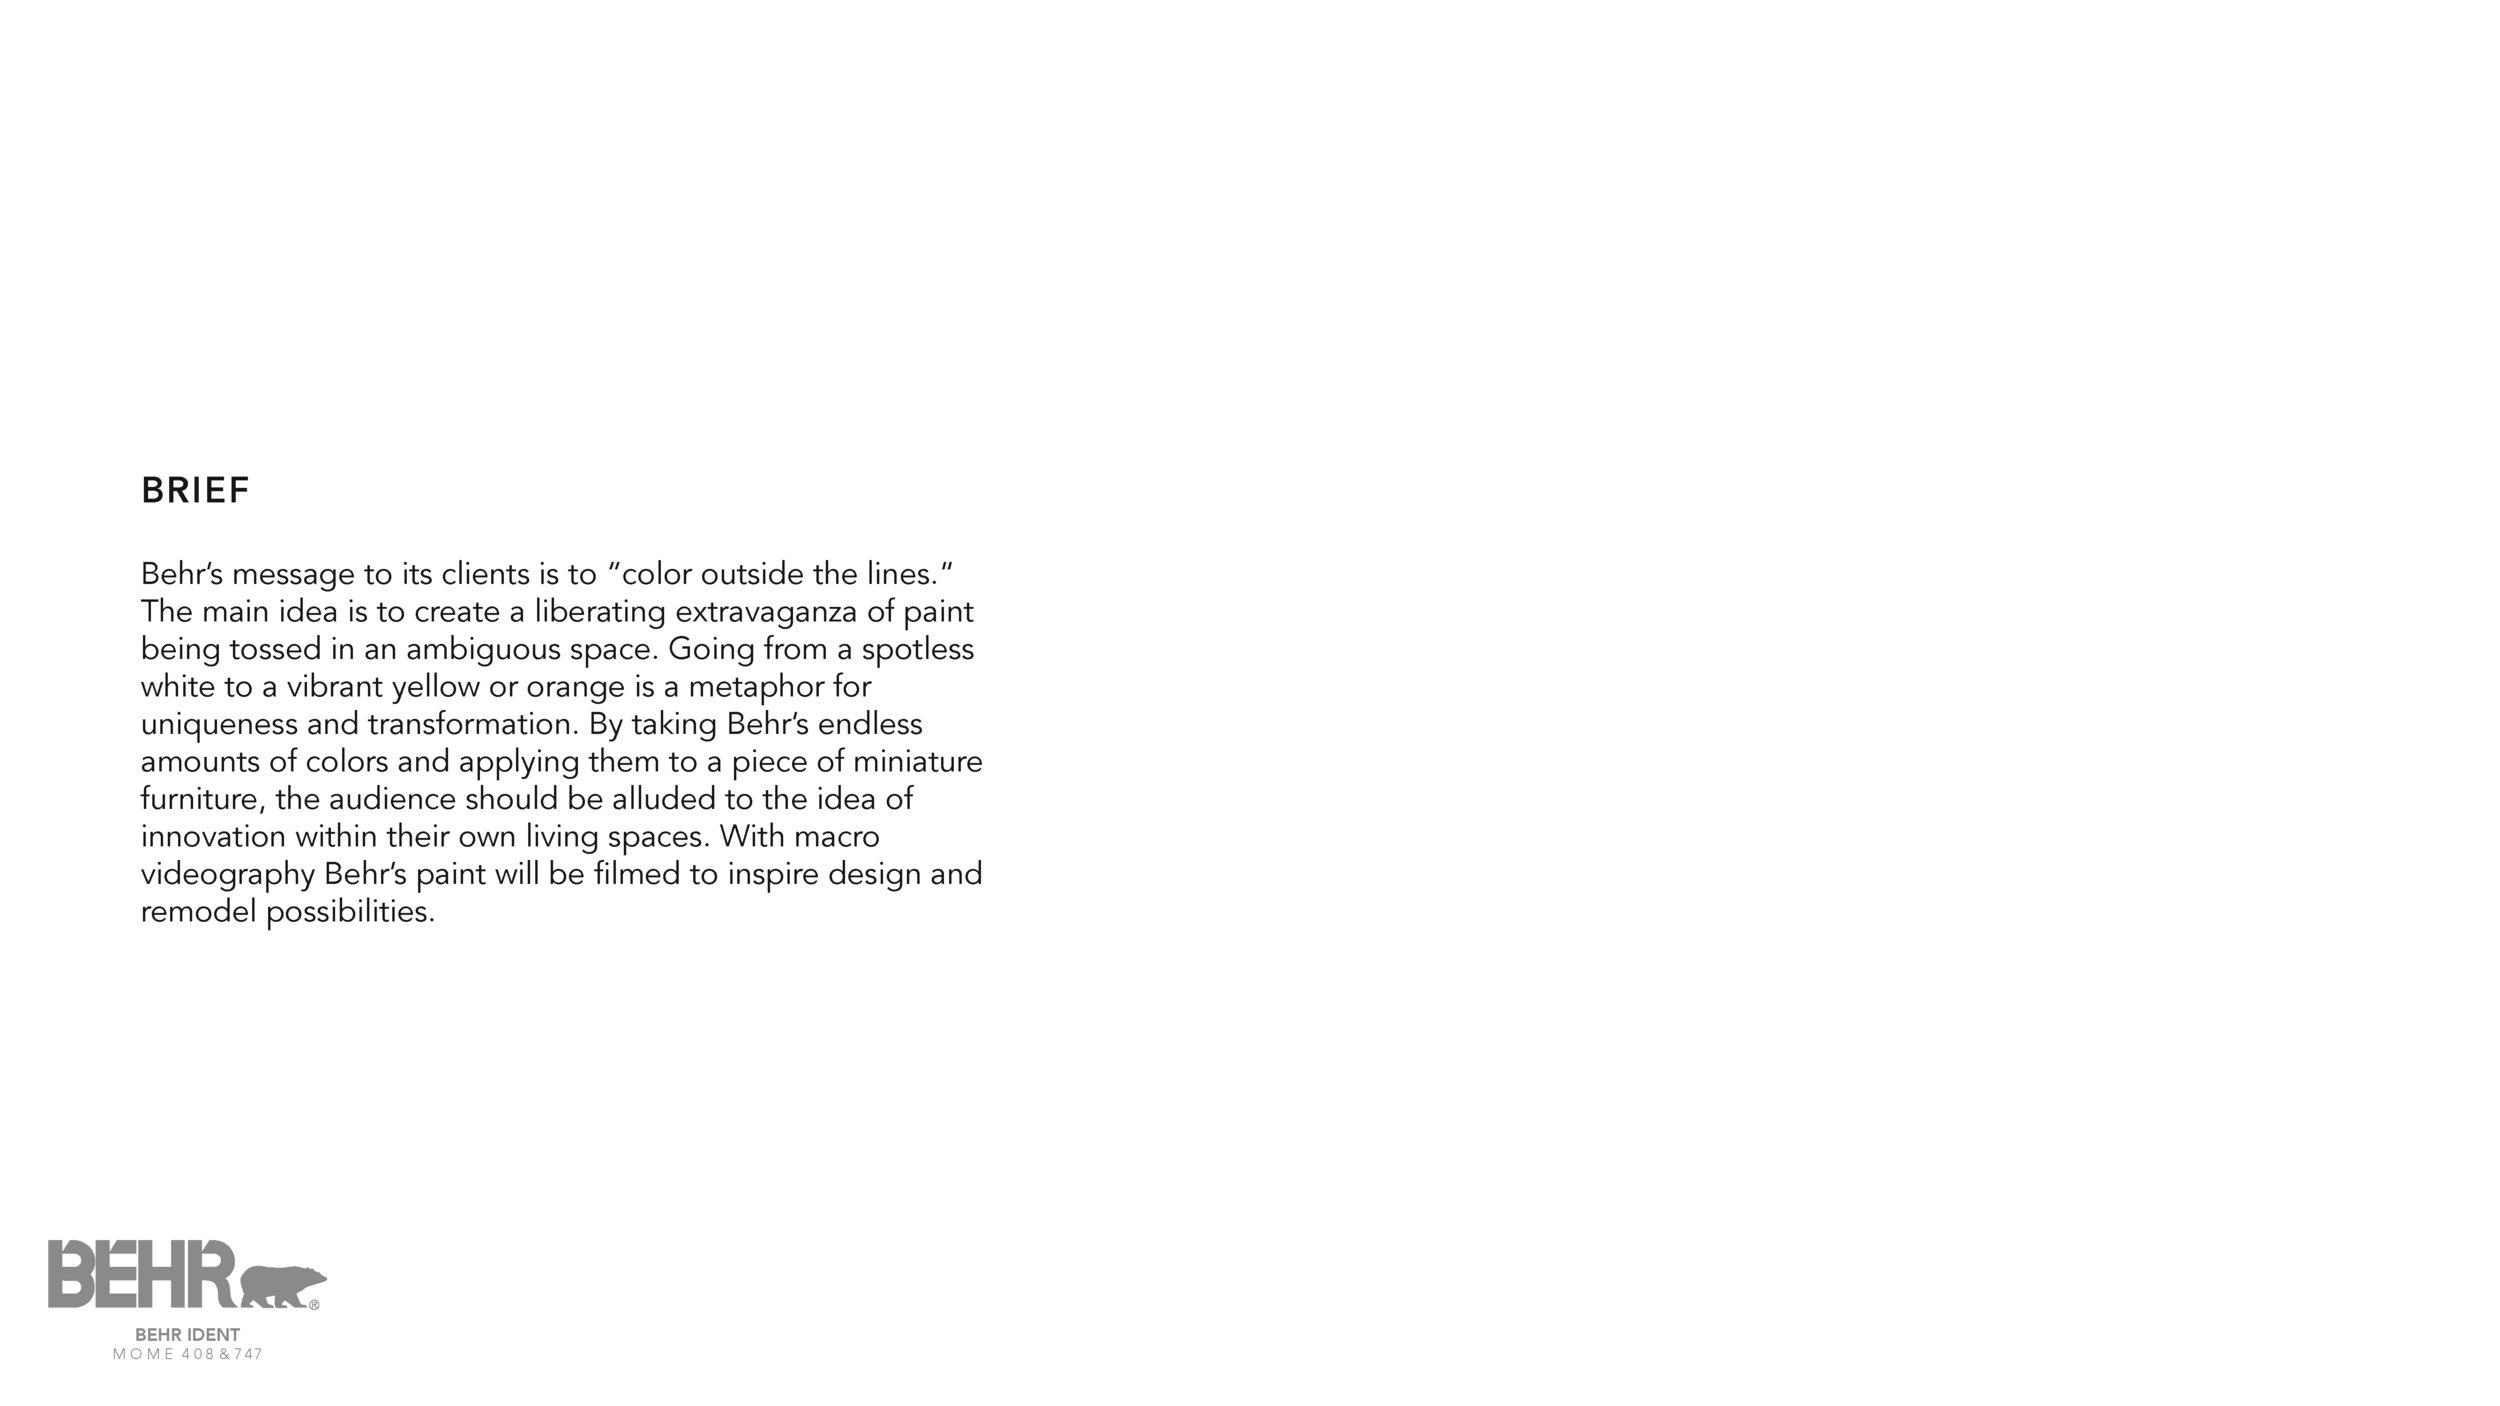 BEHR_PROCESSBOOK_FINAL_Page_02.jpg